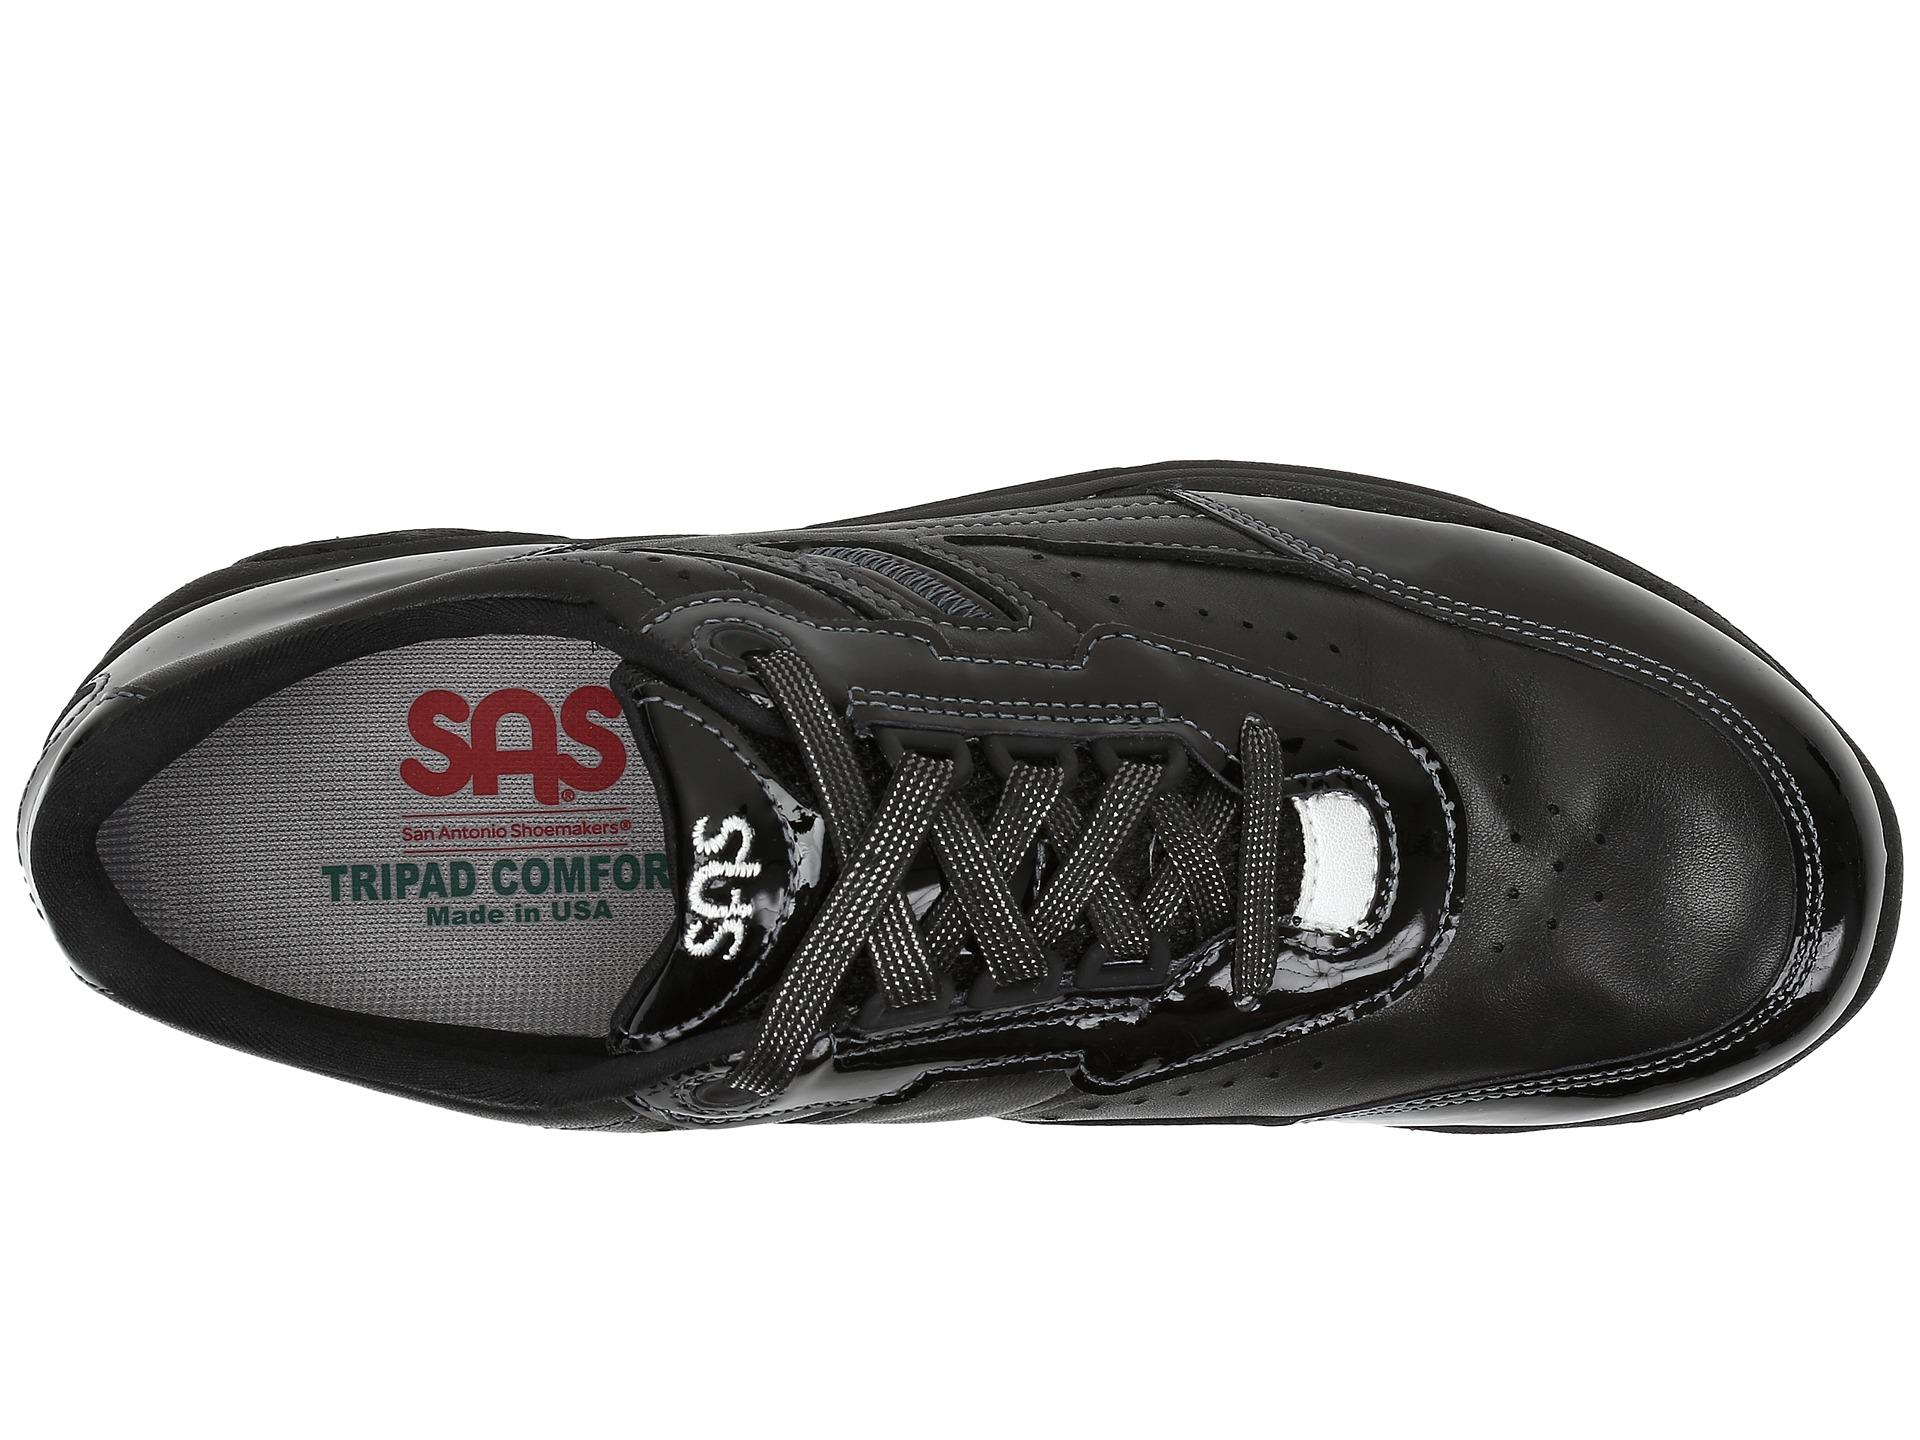 Sas Shoes Tour Sale